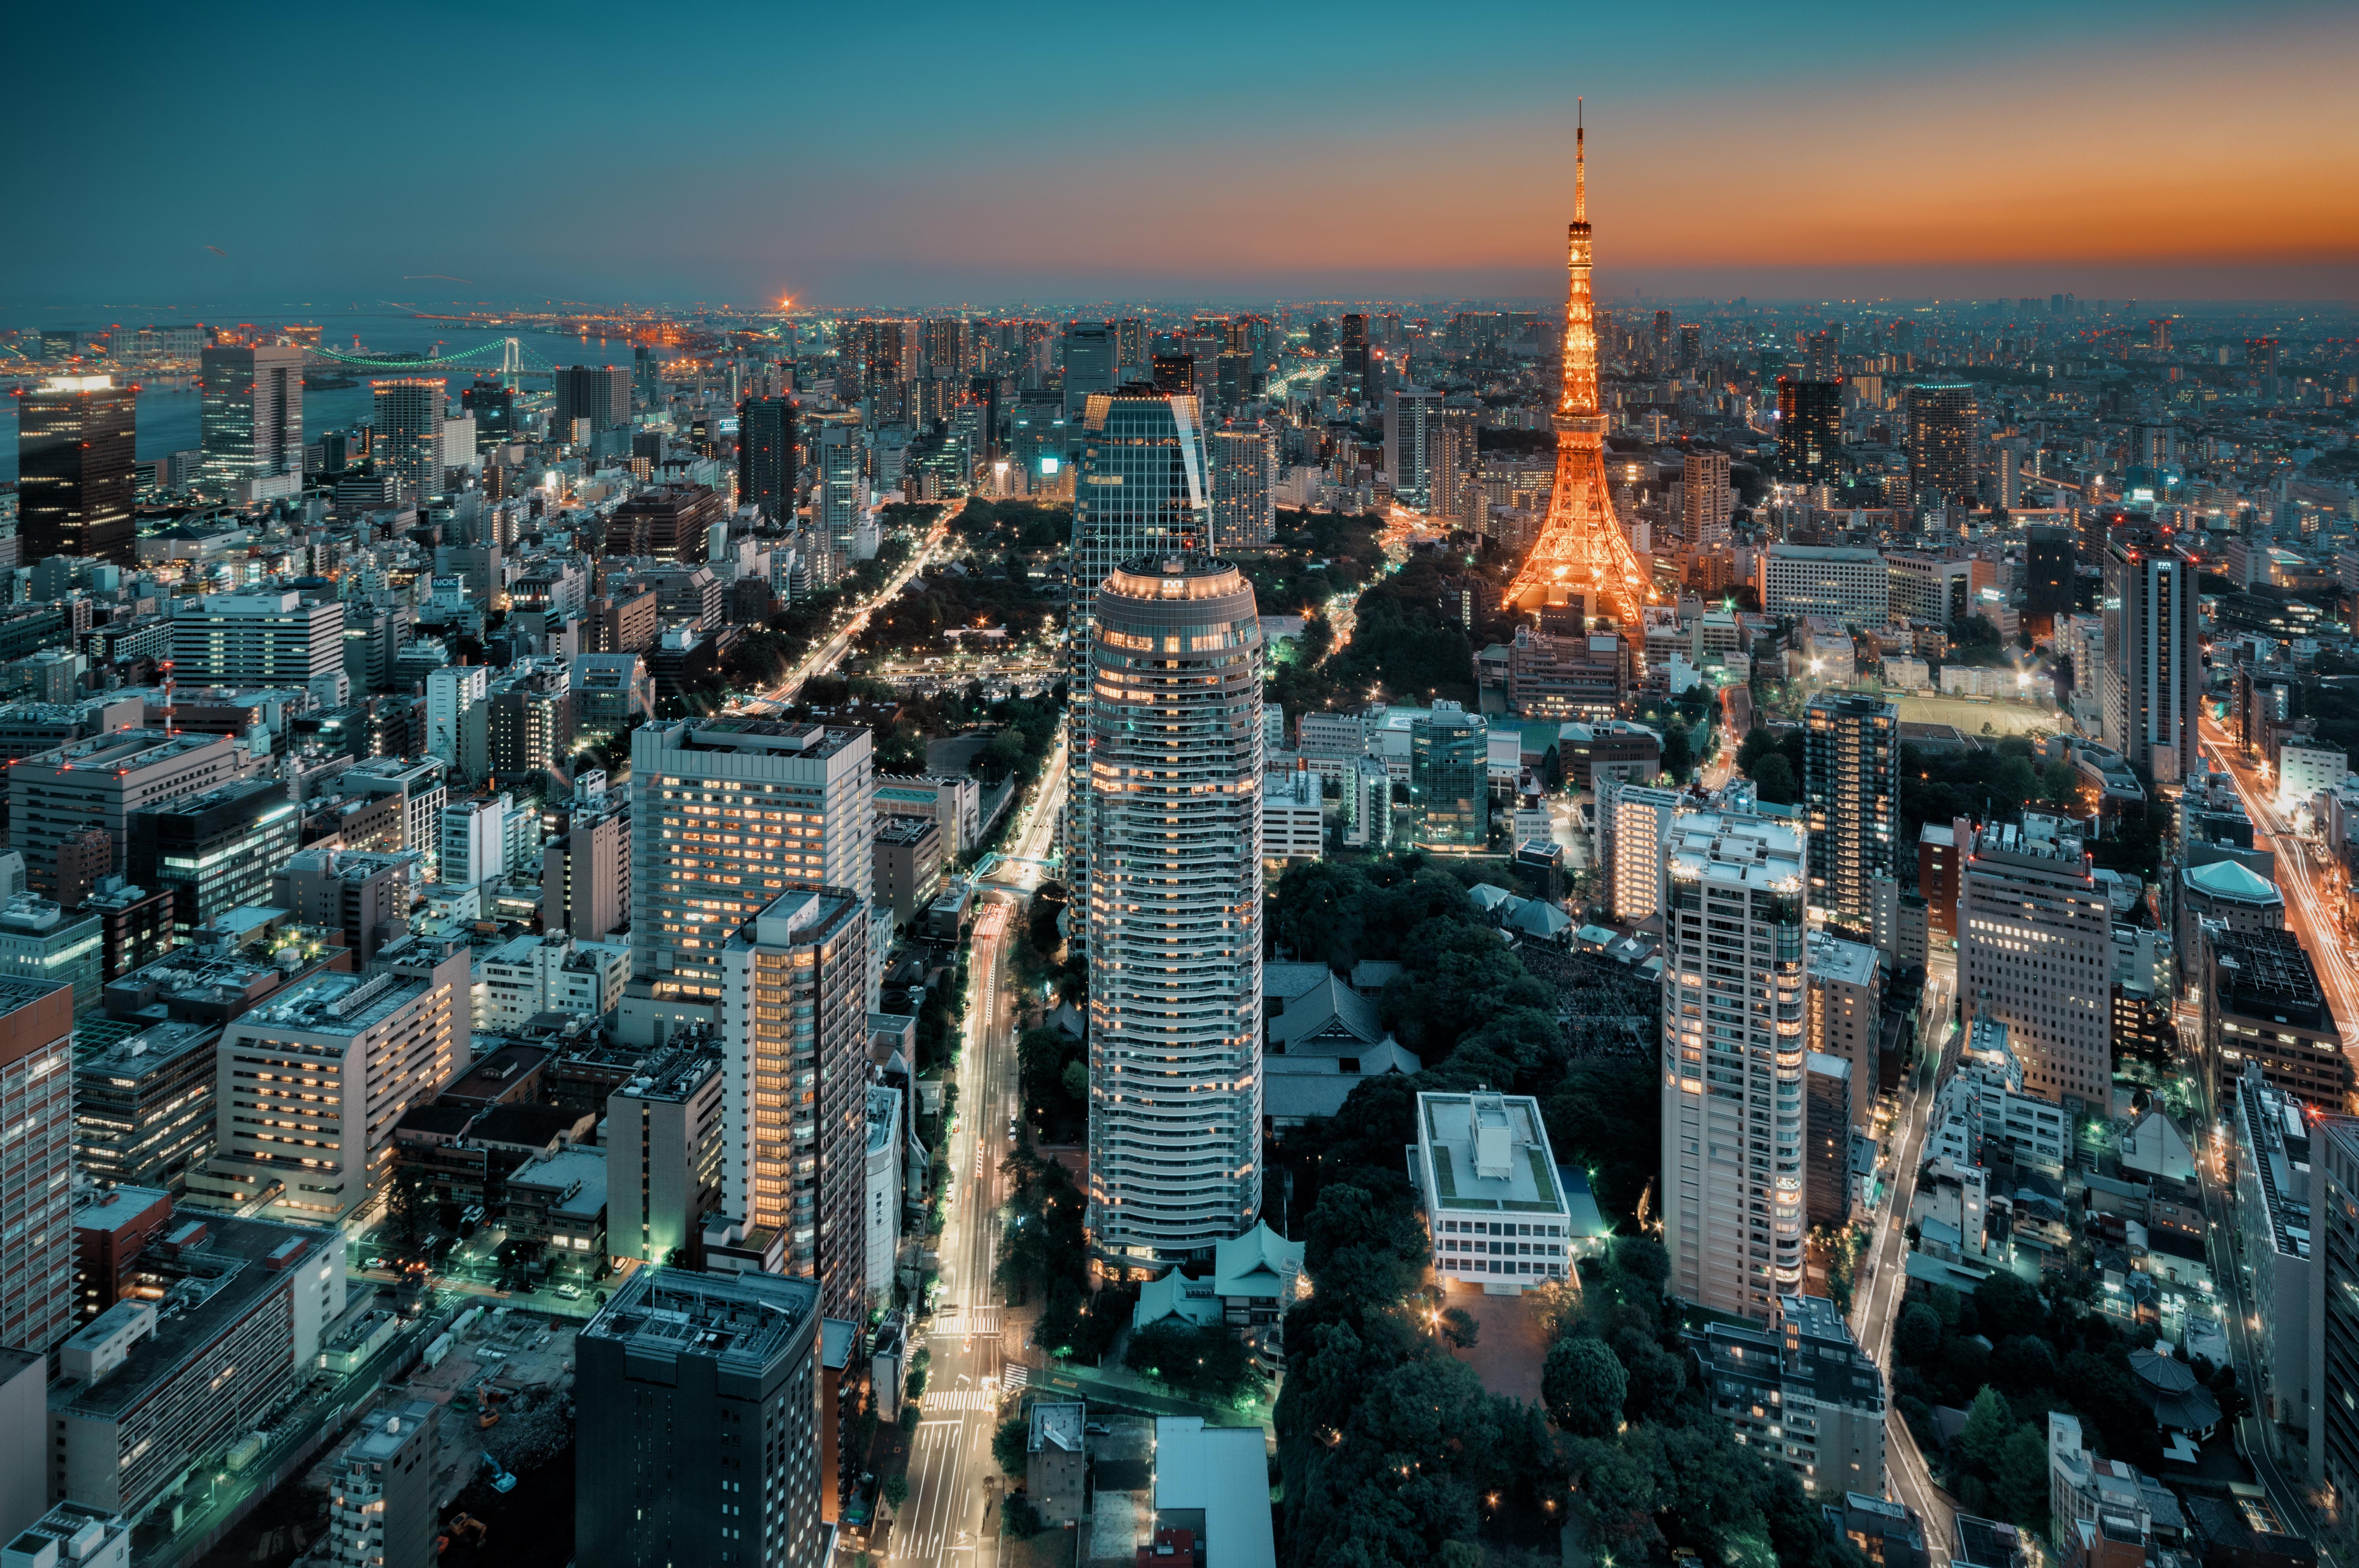 Qué ver en Tokio: miradores de Tokio